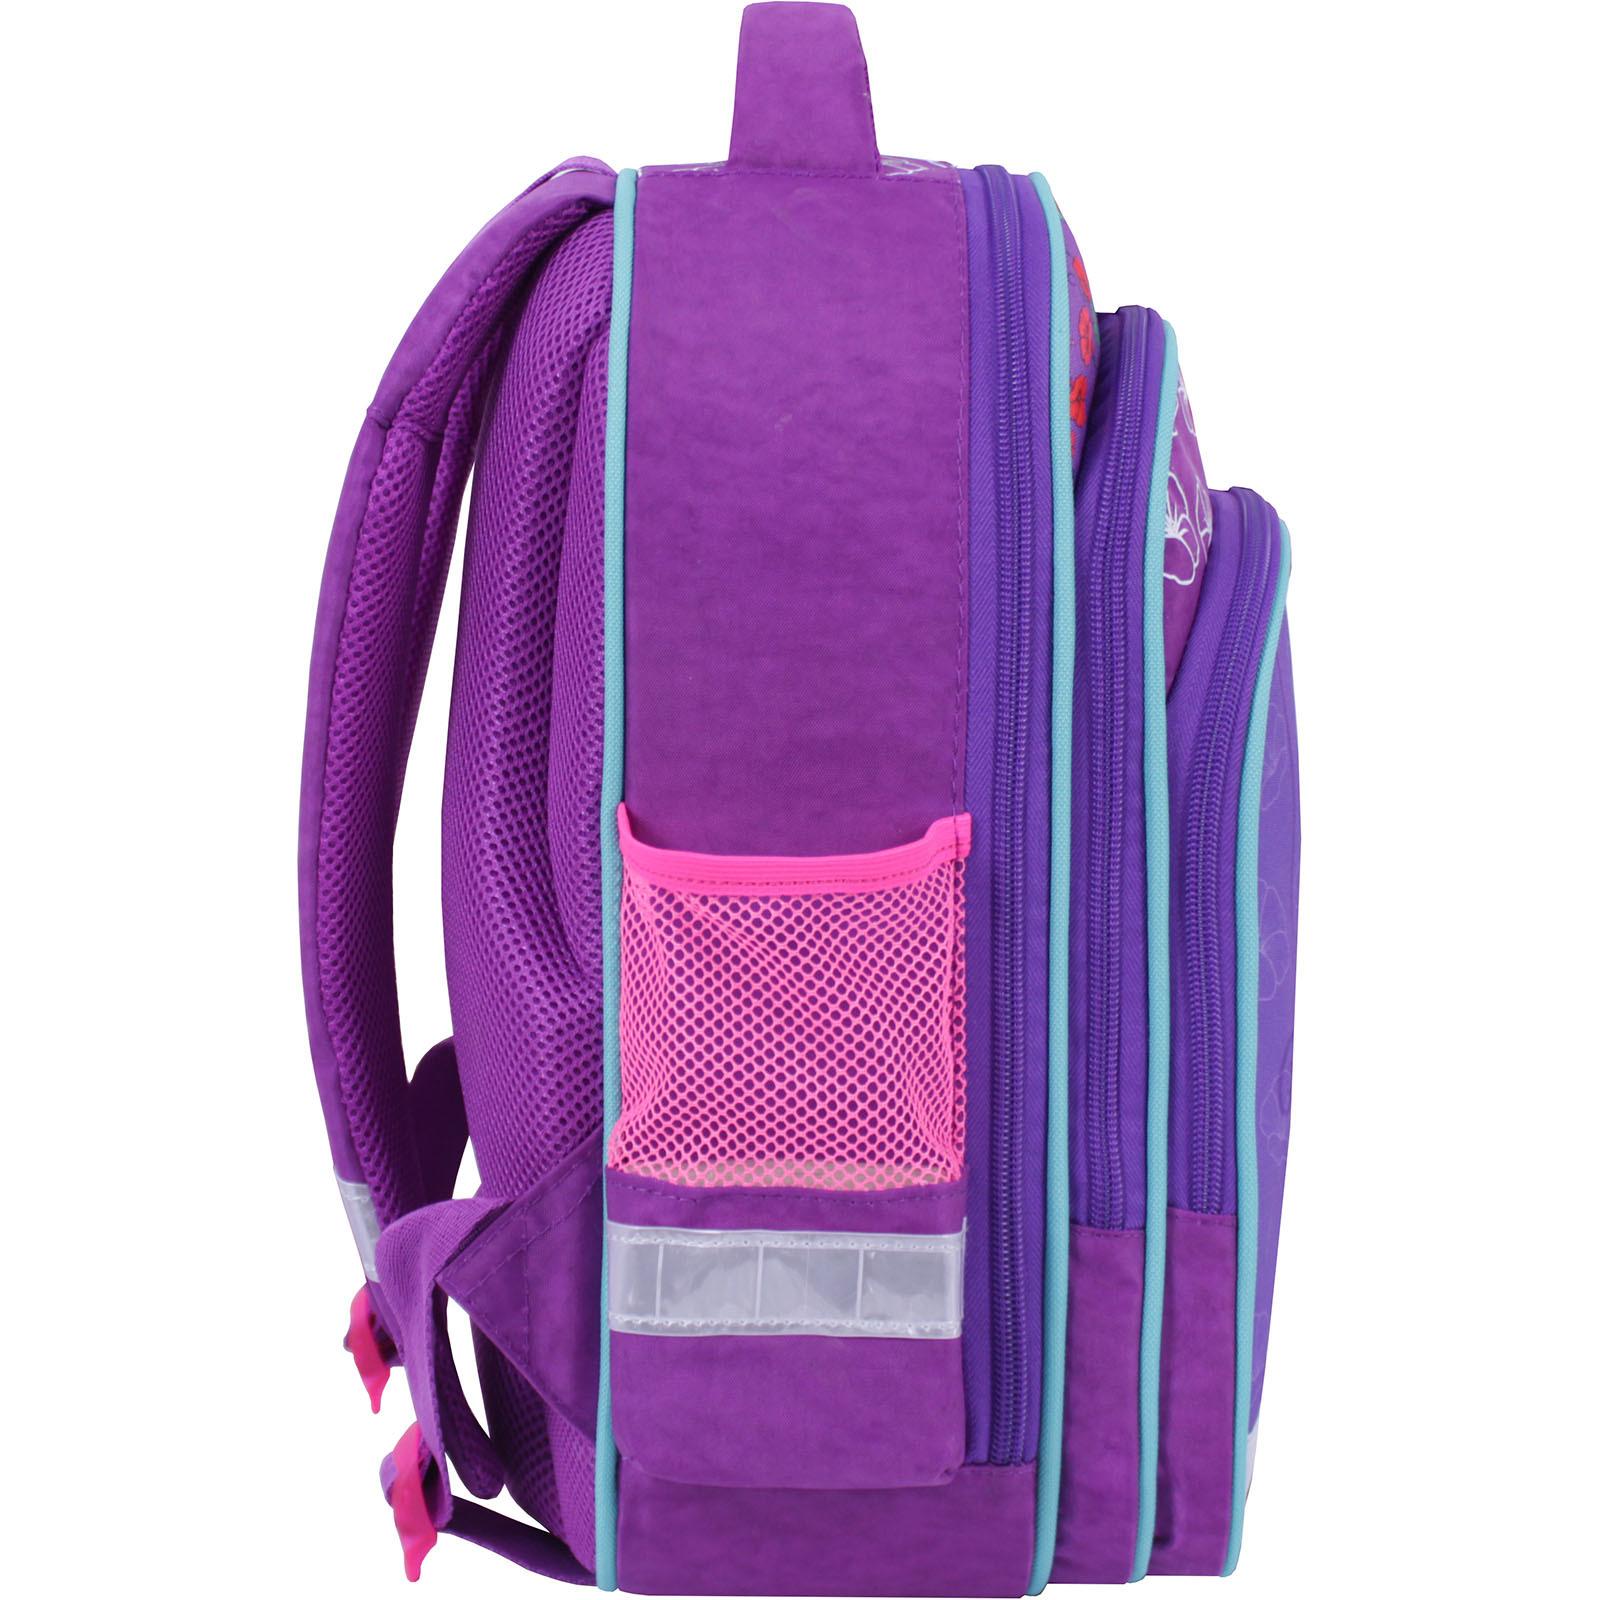 Рюкзак школьный Bagland Mouse 143 фиолетовый 498 (0051370) фото 3